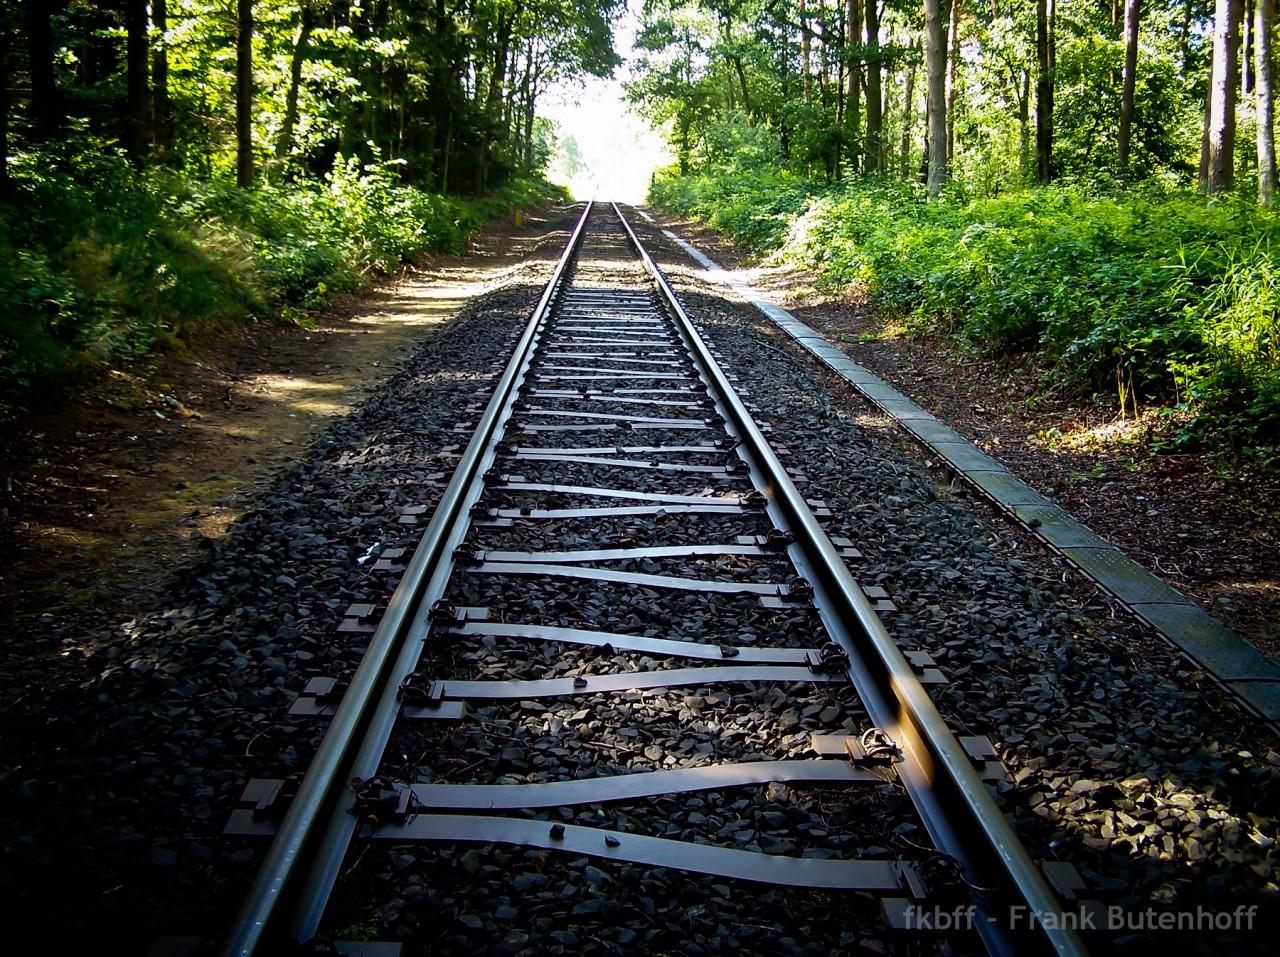 Bahnschienen im Wald